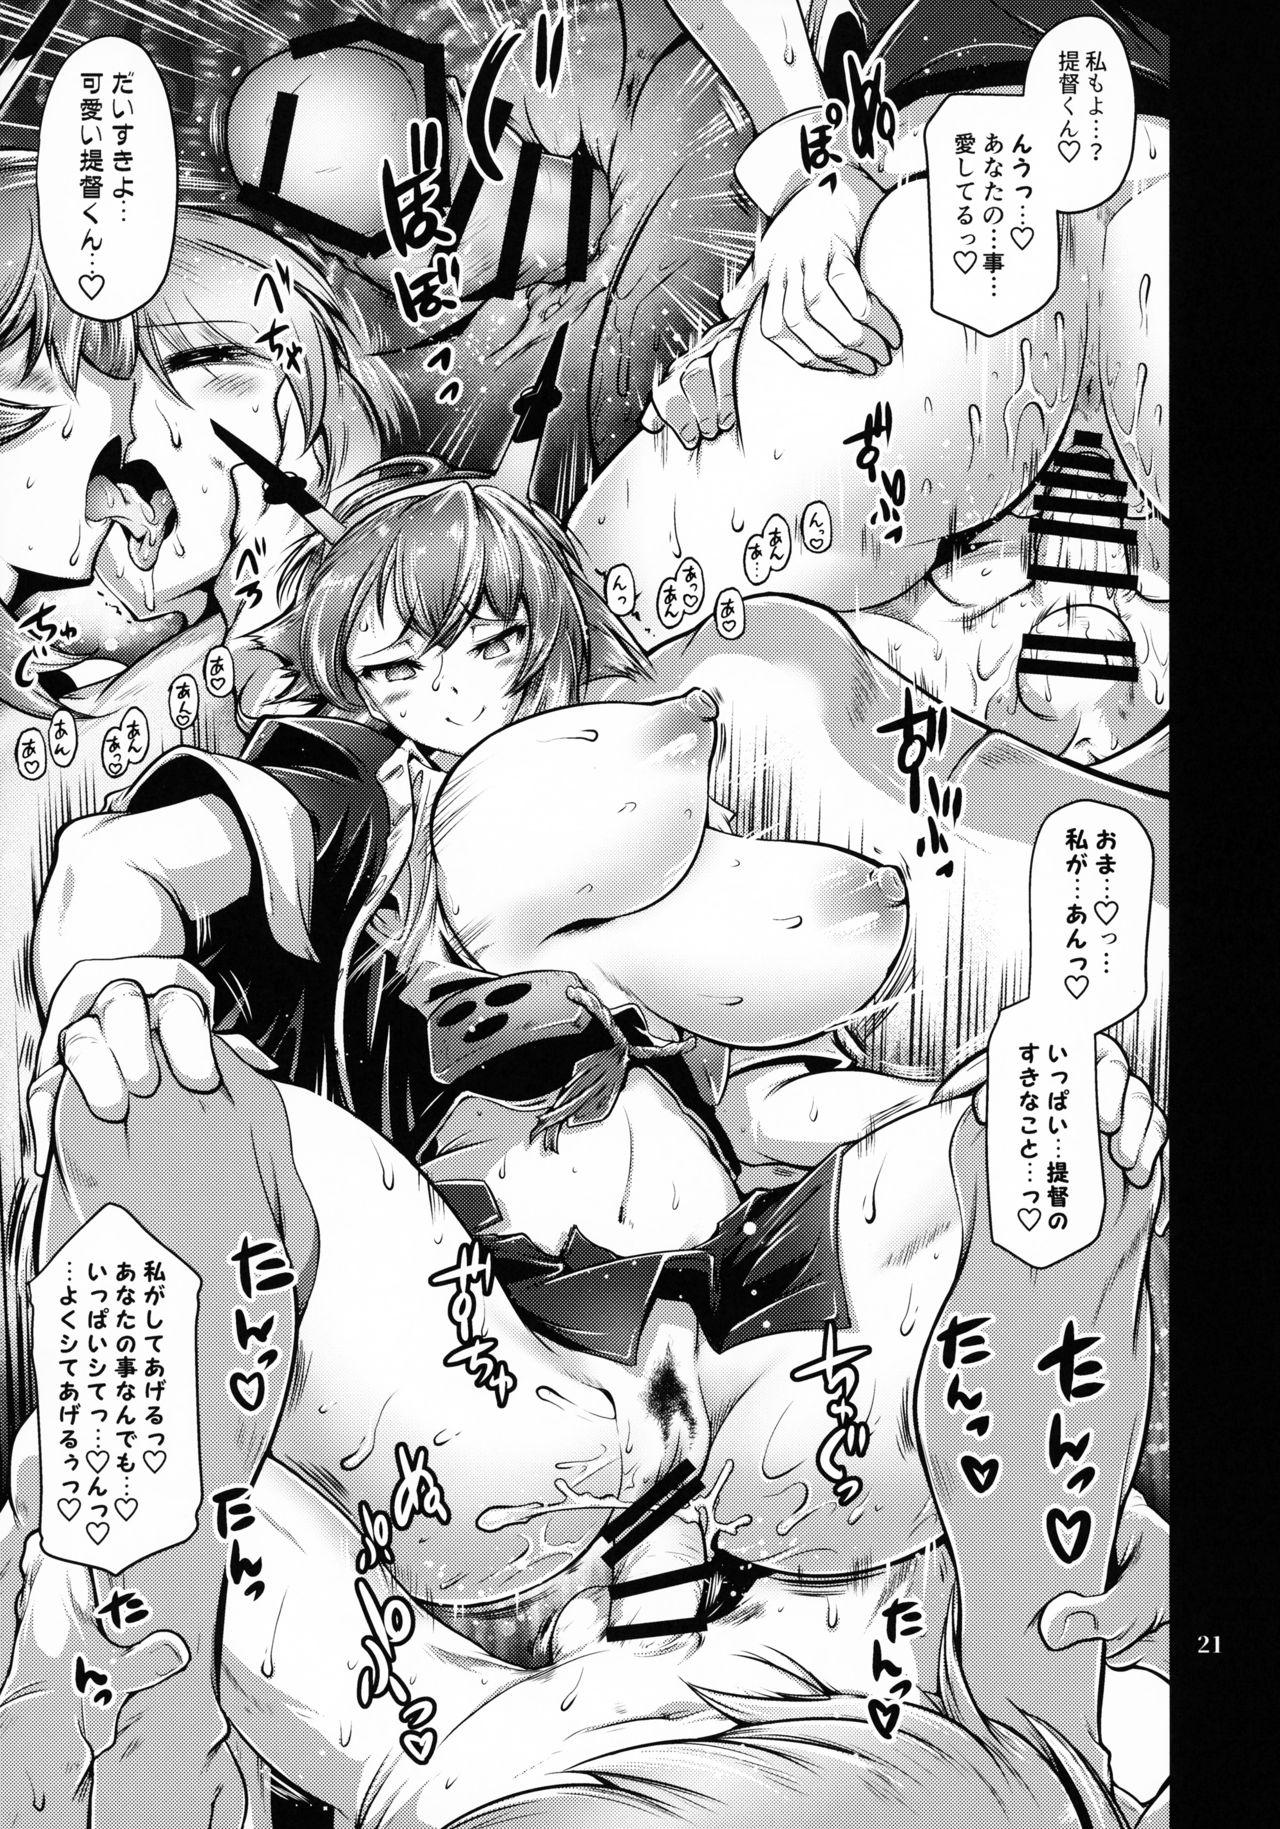 Himitsu no Big Seven 19